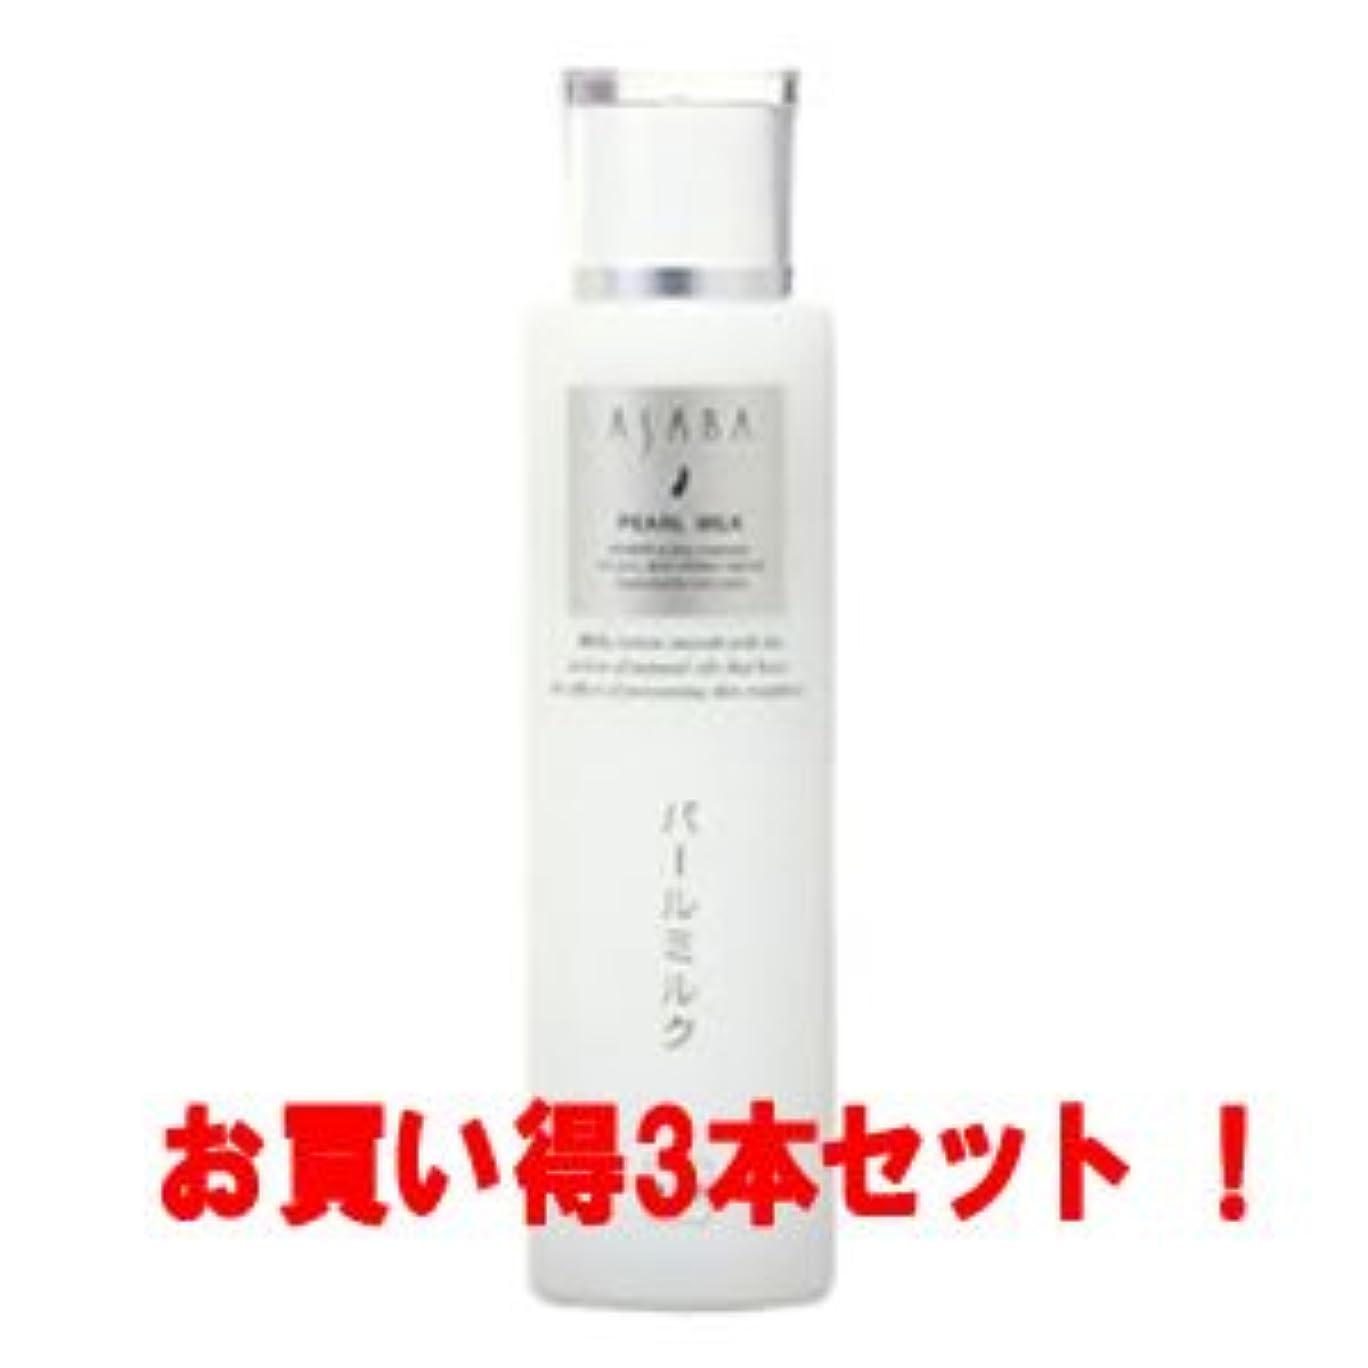 復讐十分な衛星(アサバ化粧品)アサバ パールミルク100ml(お買い得3本セット)